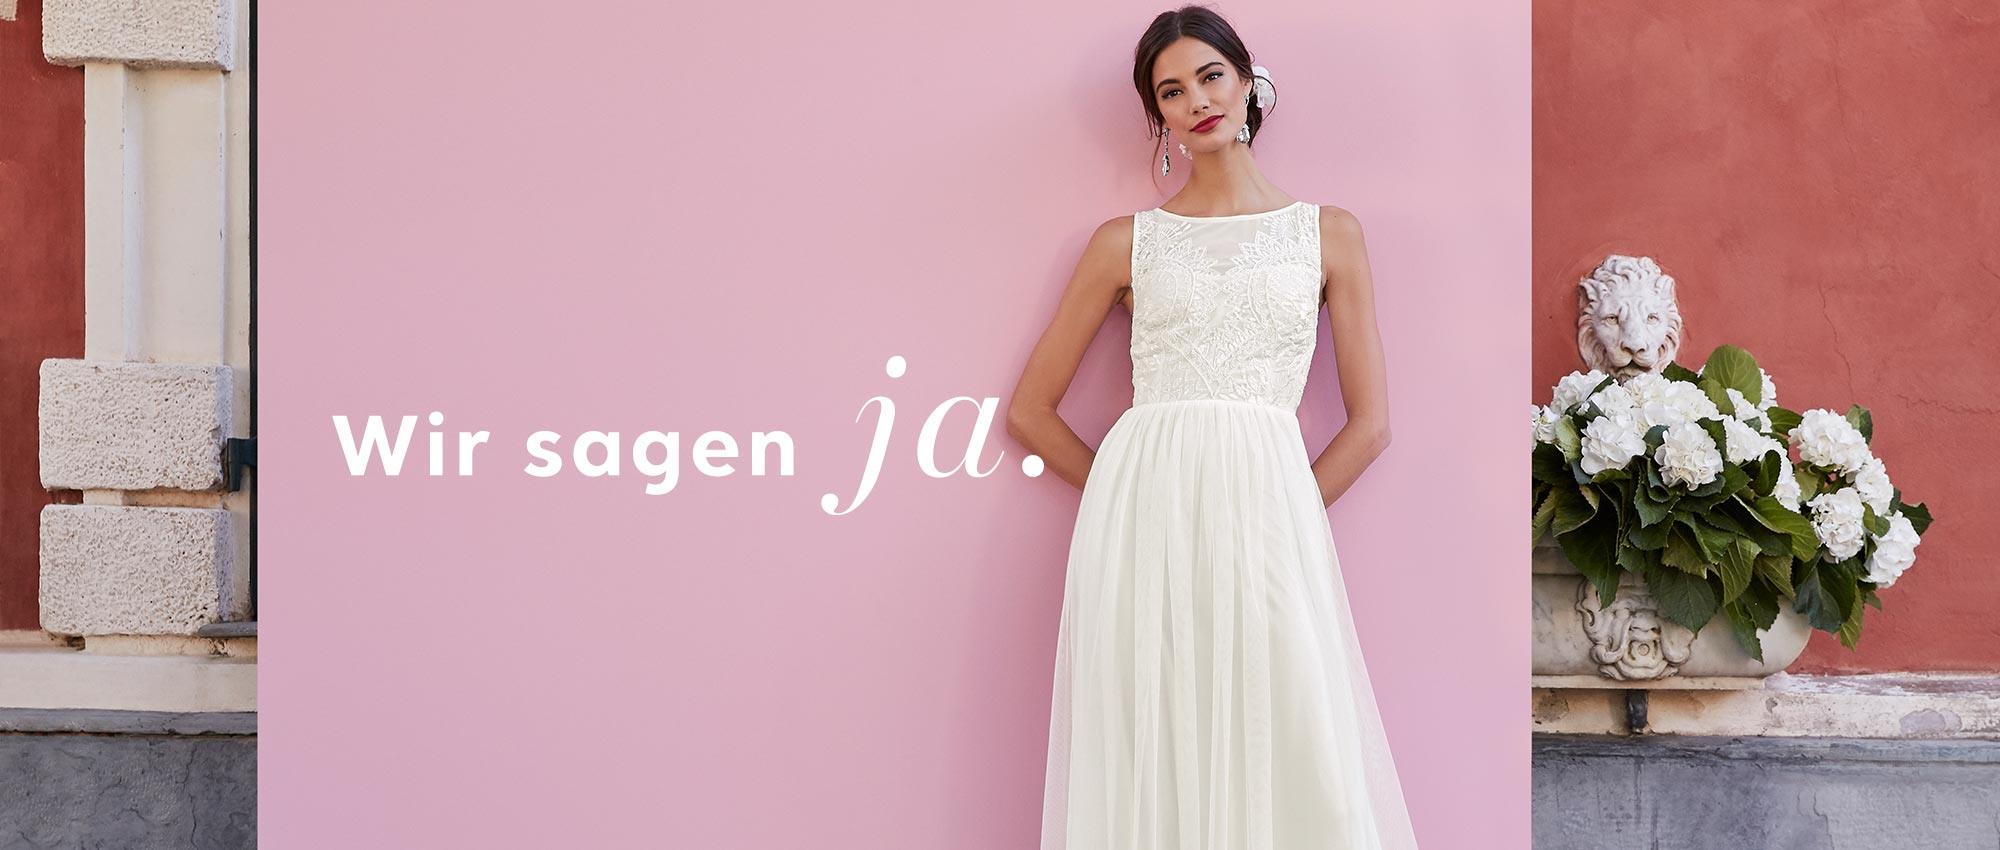 15 Wunderbar Graue Kleider Für Hochzeit Vertrieb10 Einzigartig Graue Kleider Für Hochzeit Boutique